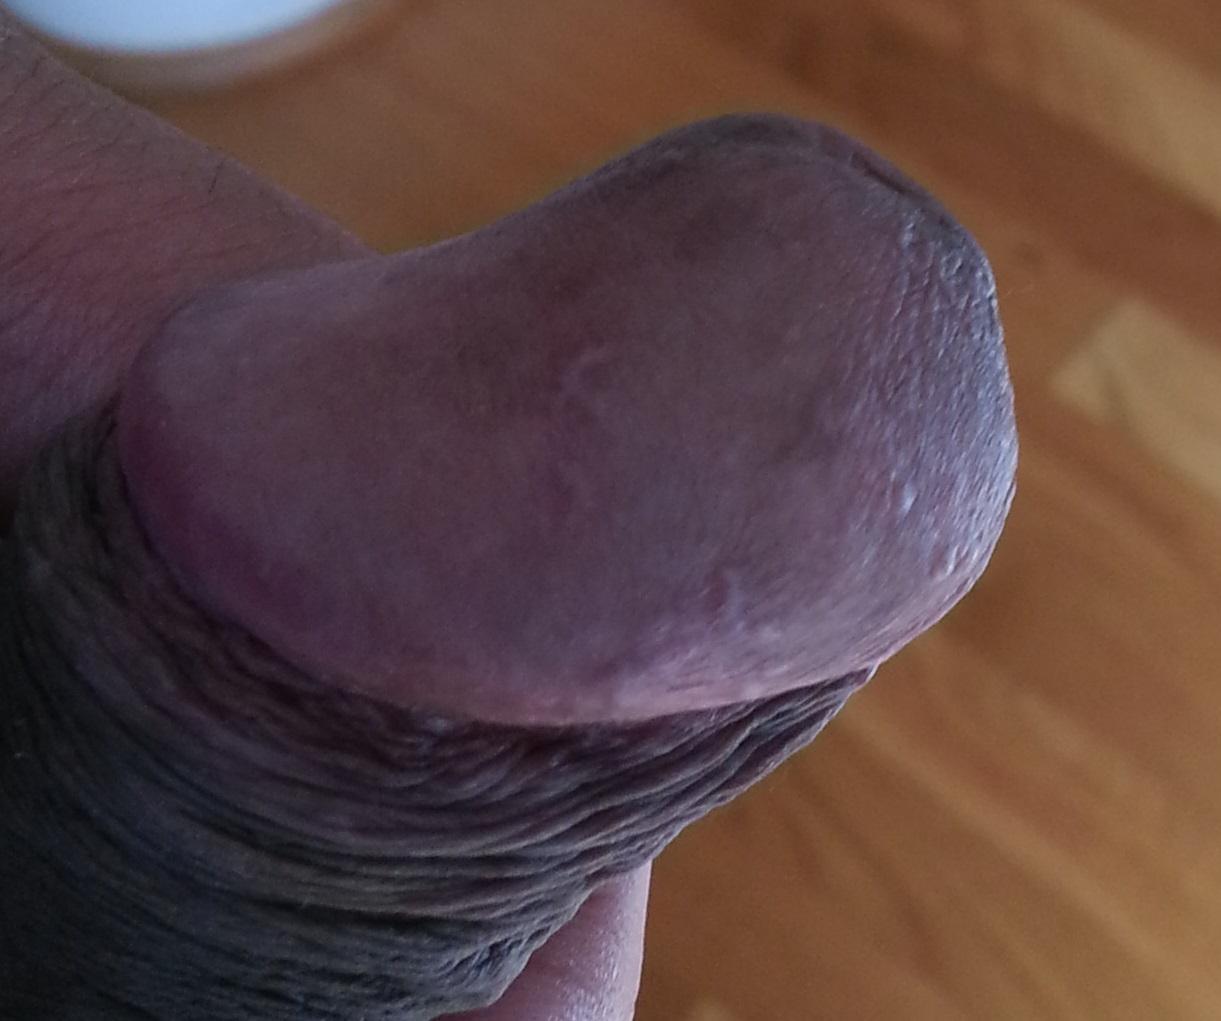 fucker latina anal